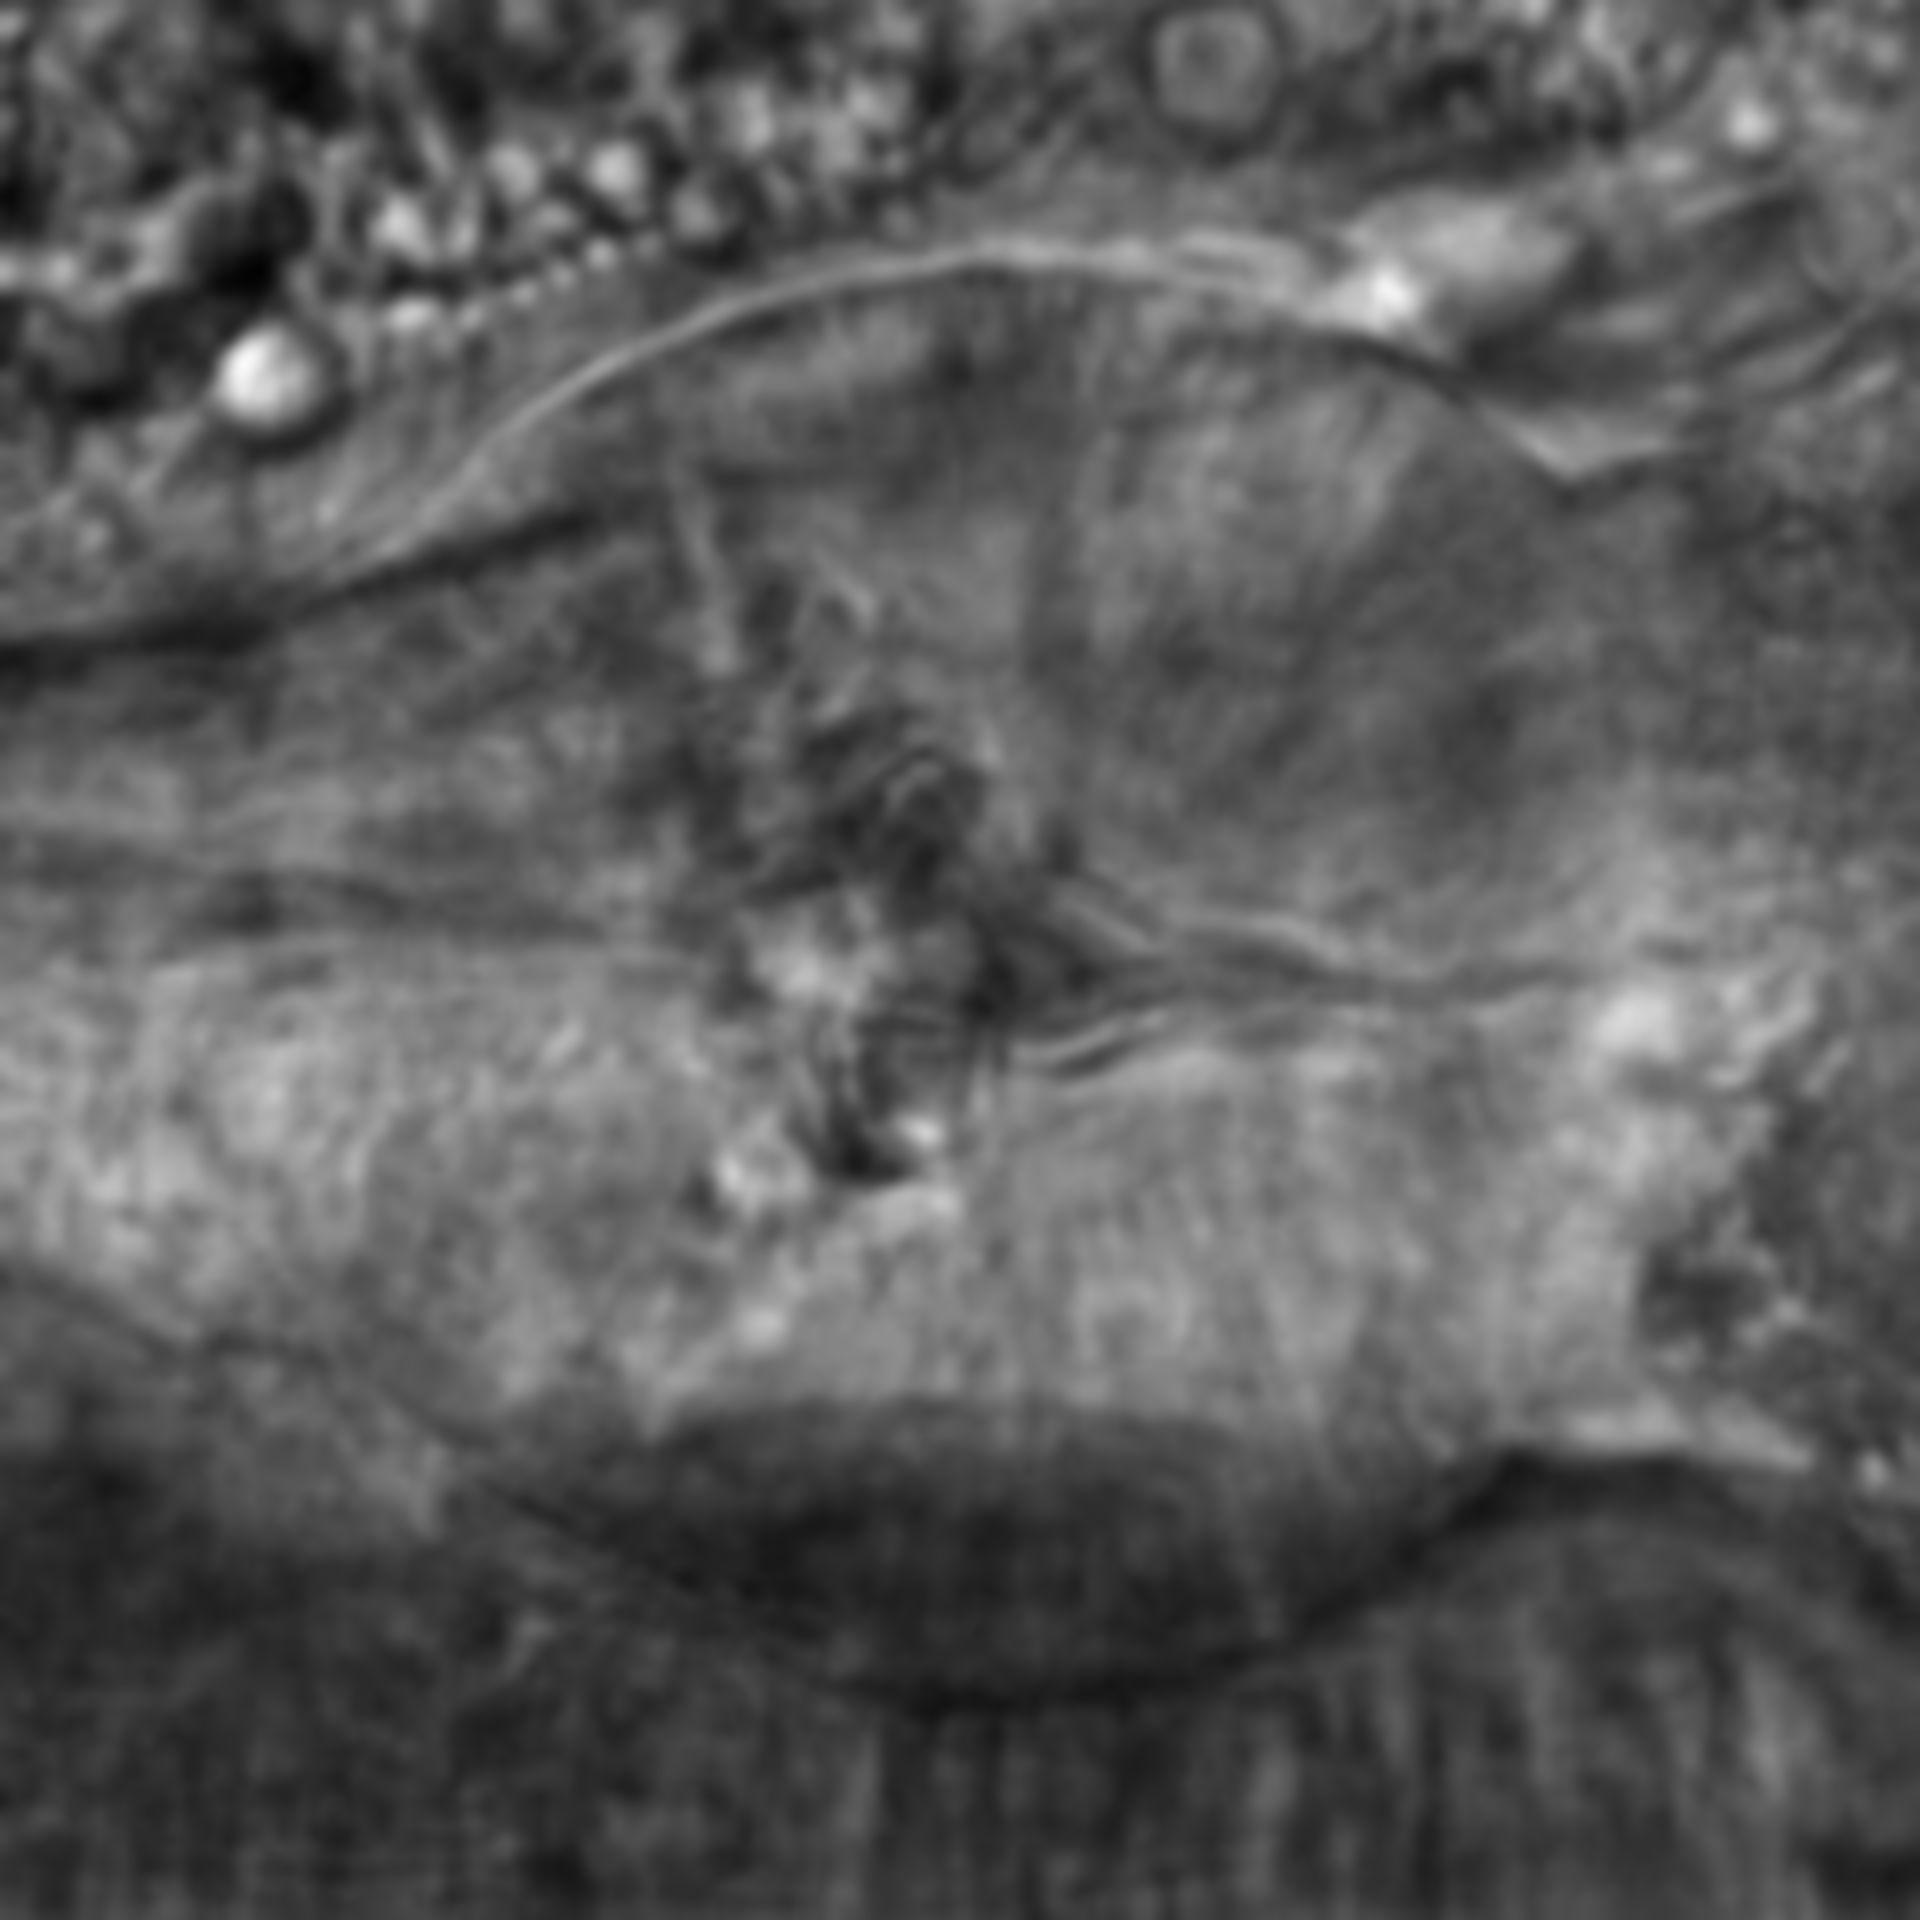 Caenorhabditis elegans - CIL:2137